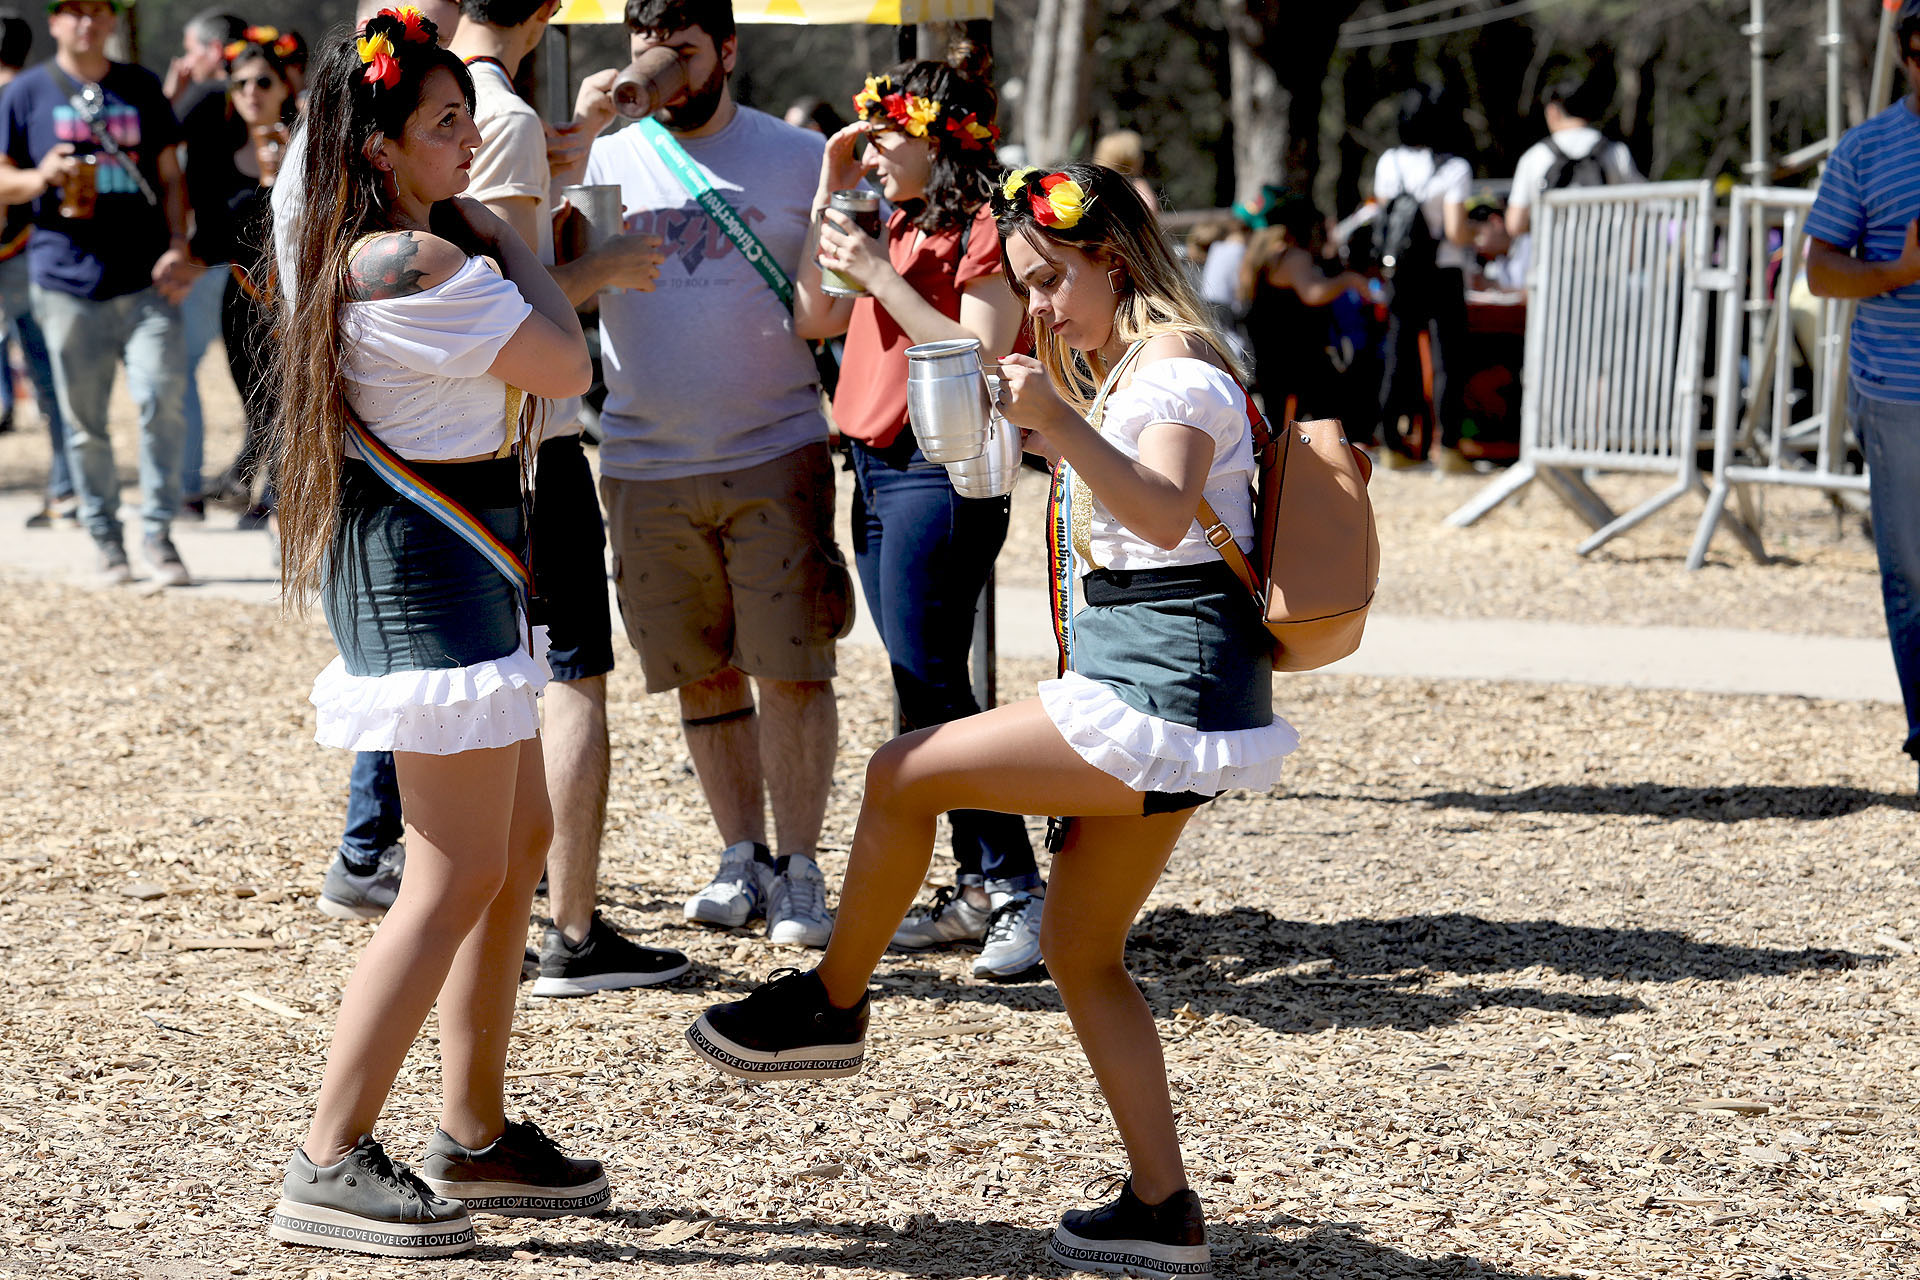 Las chicas improvisan pasos al ritmo de la música germana